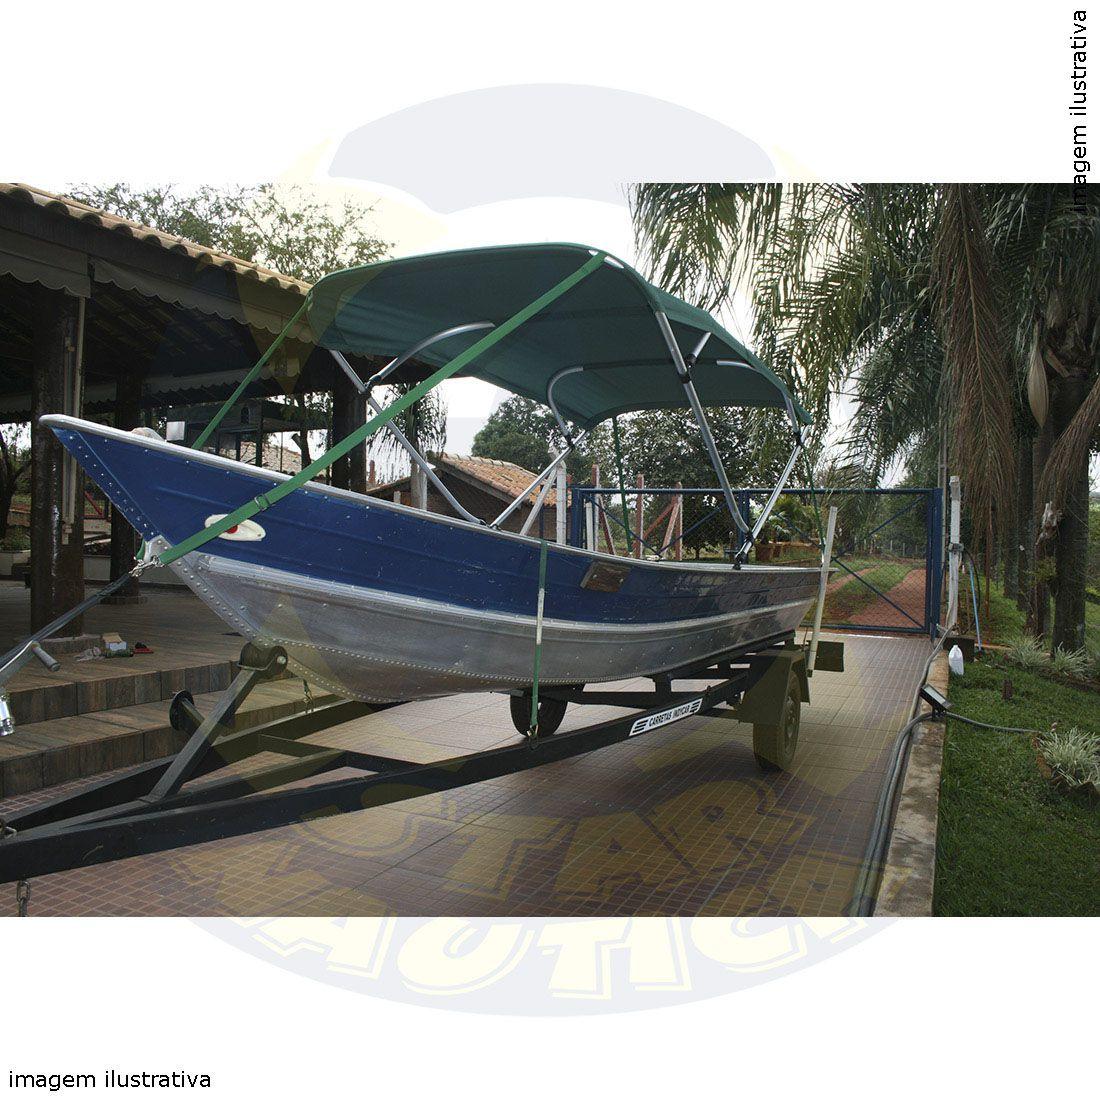 Capota Toldo Barco Aruak 500 Poliéster 4 Arcos Tubo 1 1/4